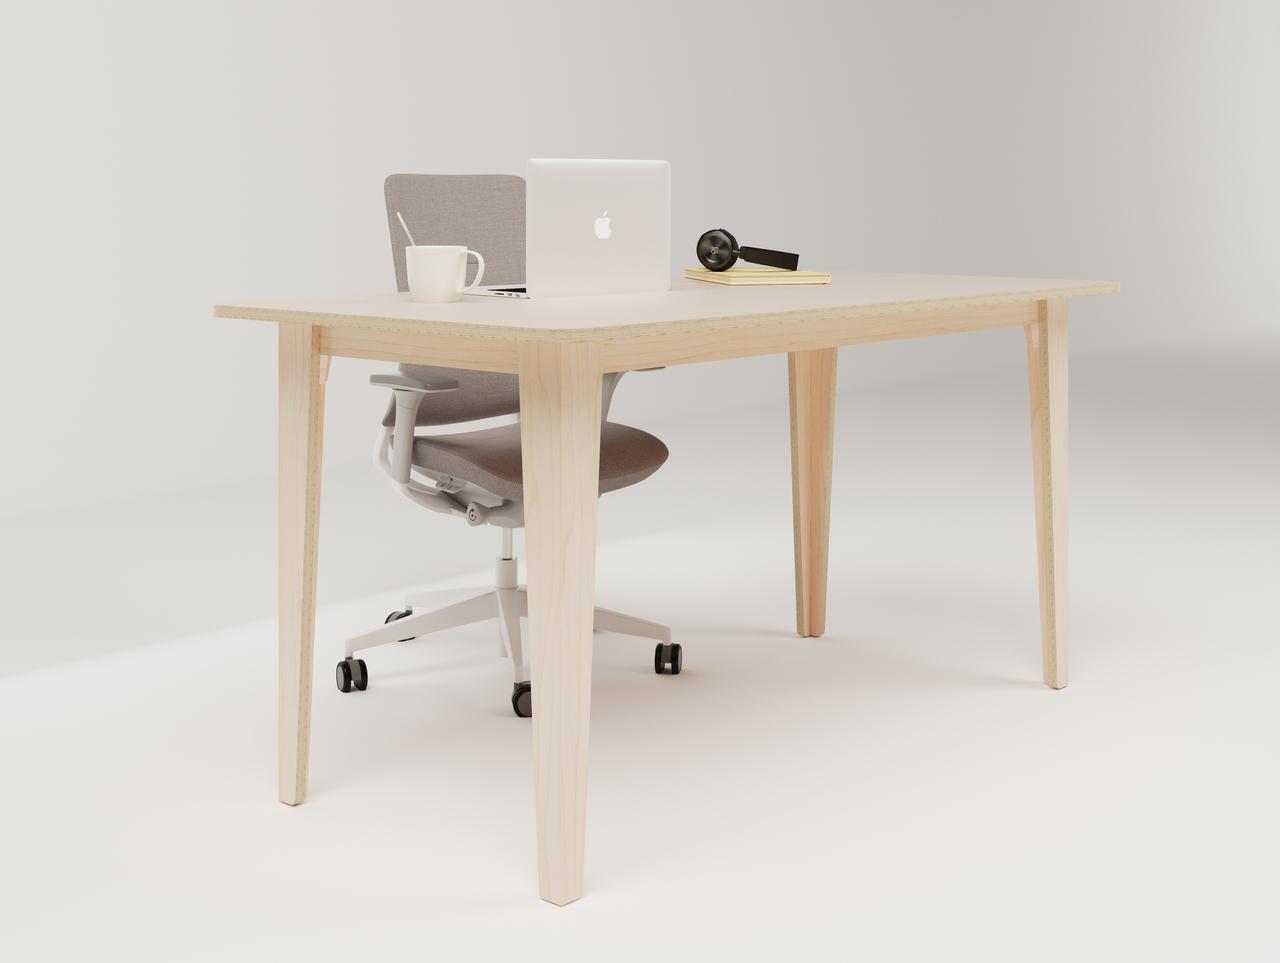 Petit bureau droit en bois pour travailler seul au bureau ou en télétravail avec son ordinateur portable et une tasse de café